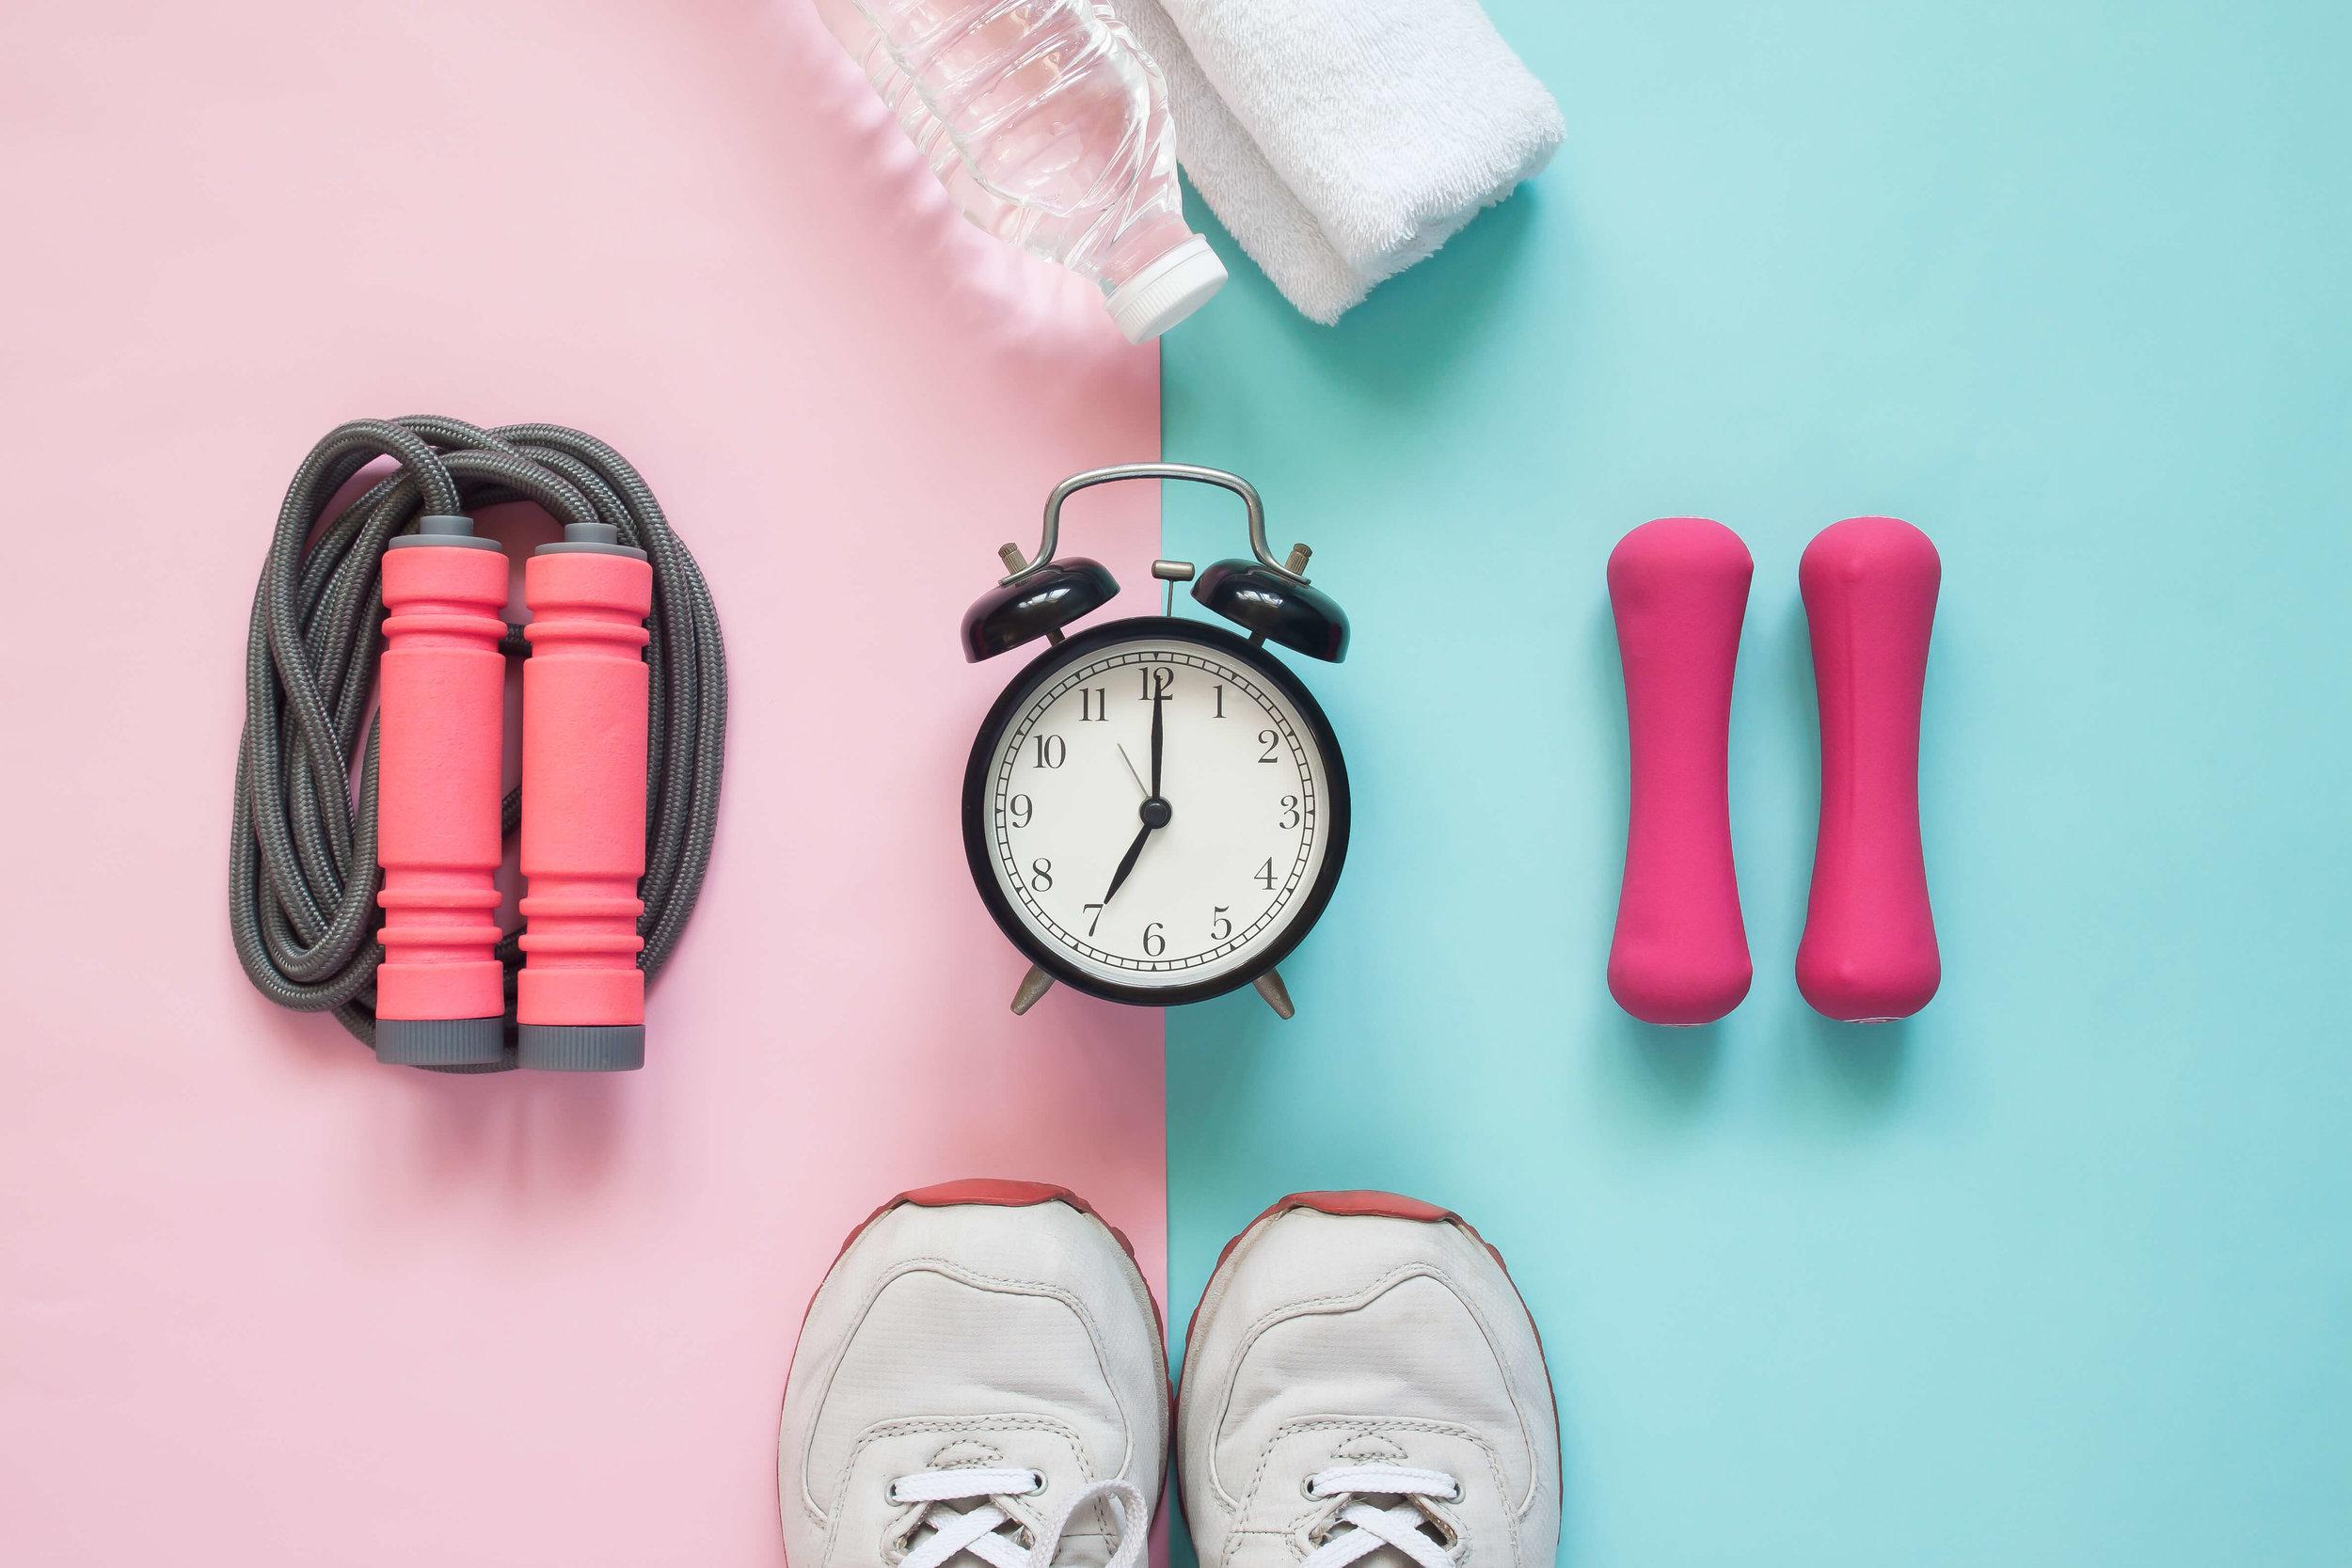 Metabolic Repair - Learn More